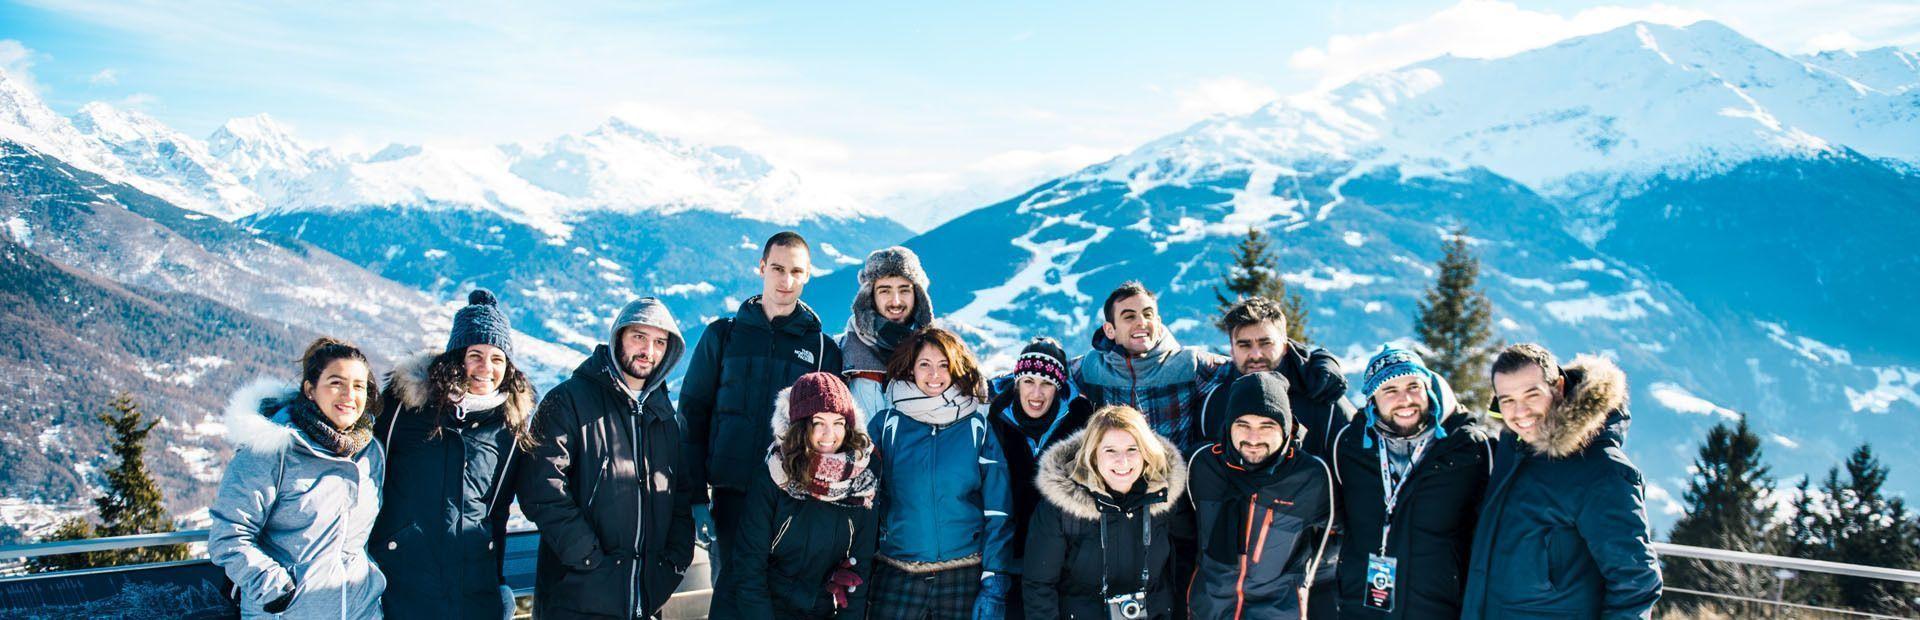 Alta Valtellina: settimana sugli sci a Bormio